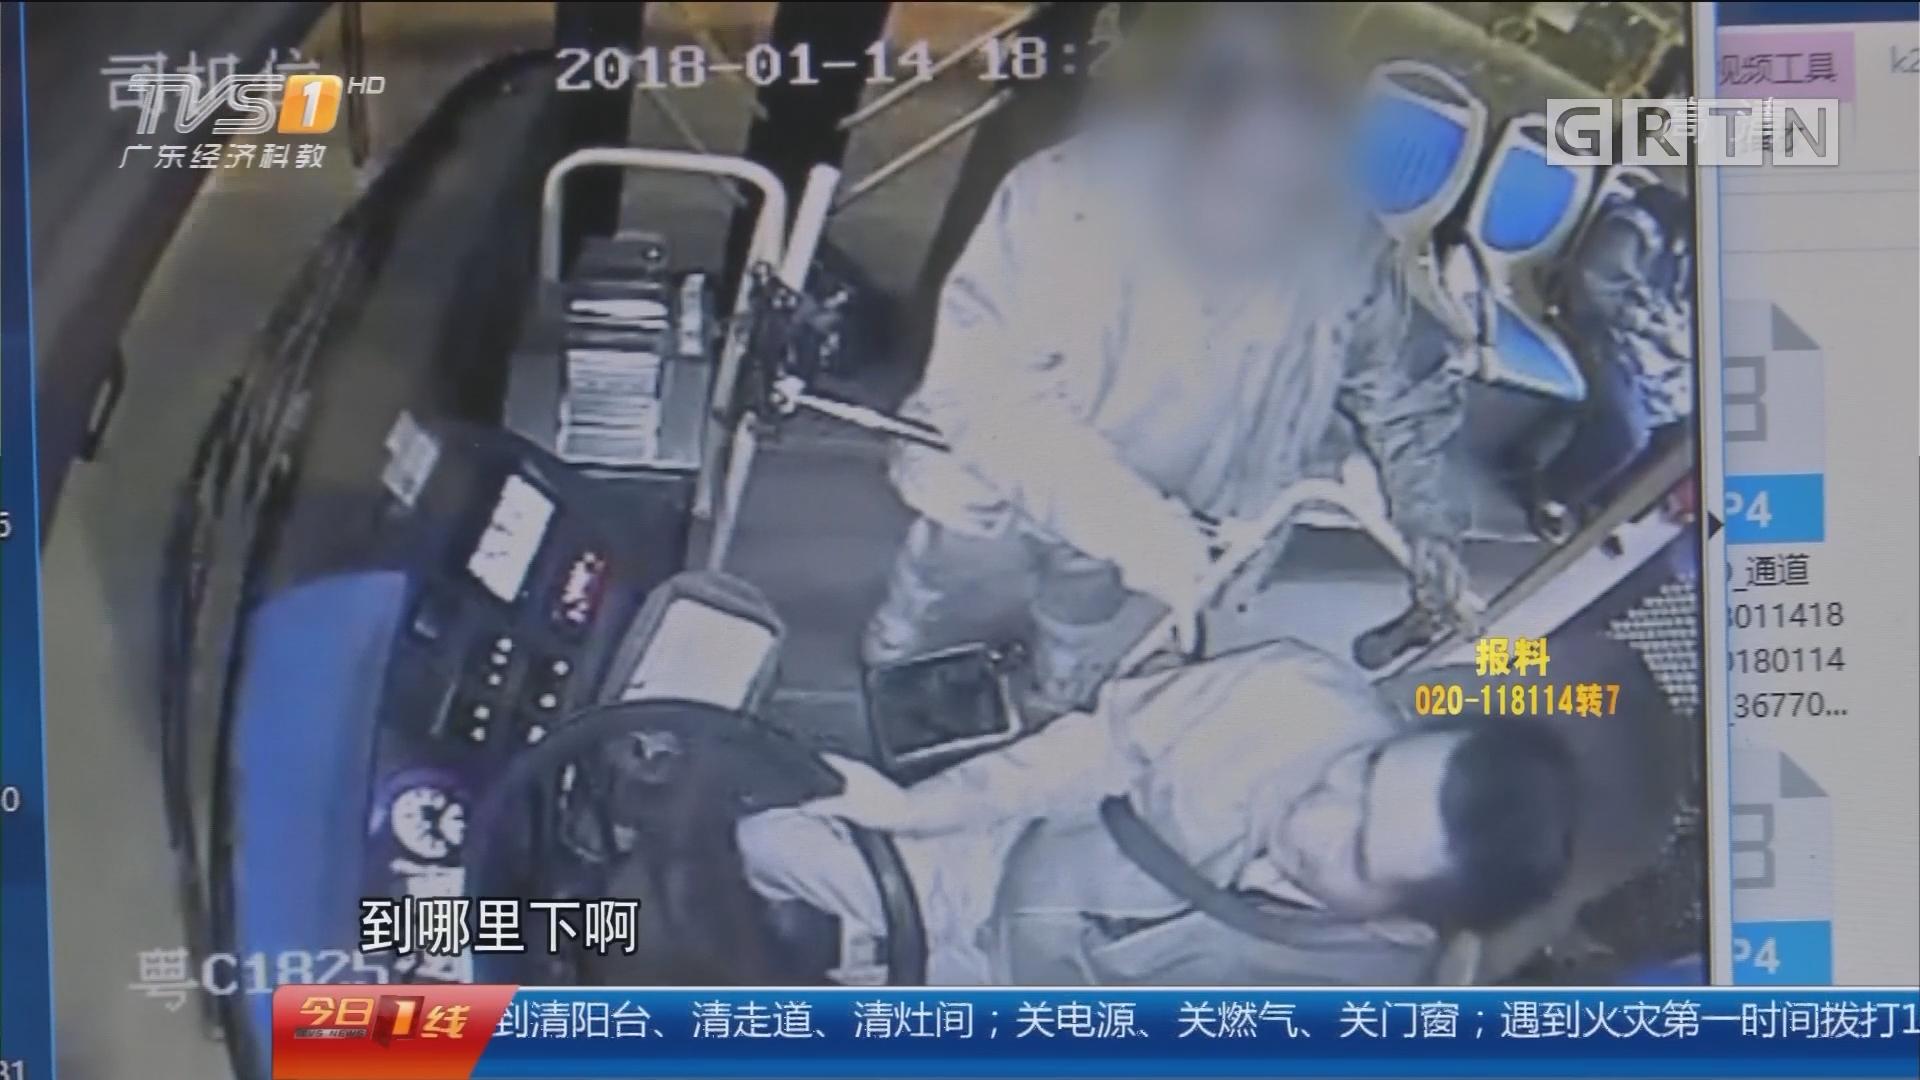 珠海:乘客中途下车不成 辱骂殴打司机